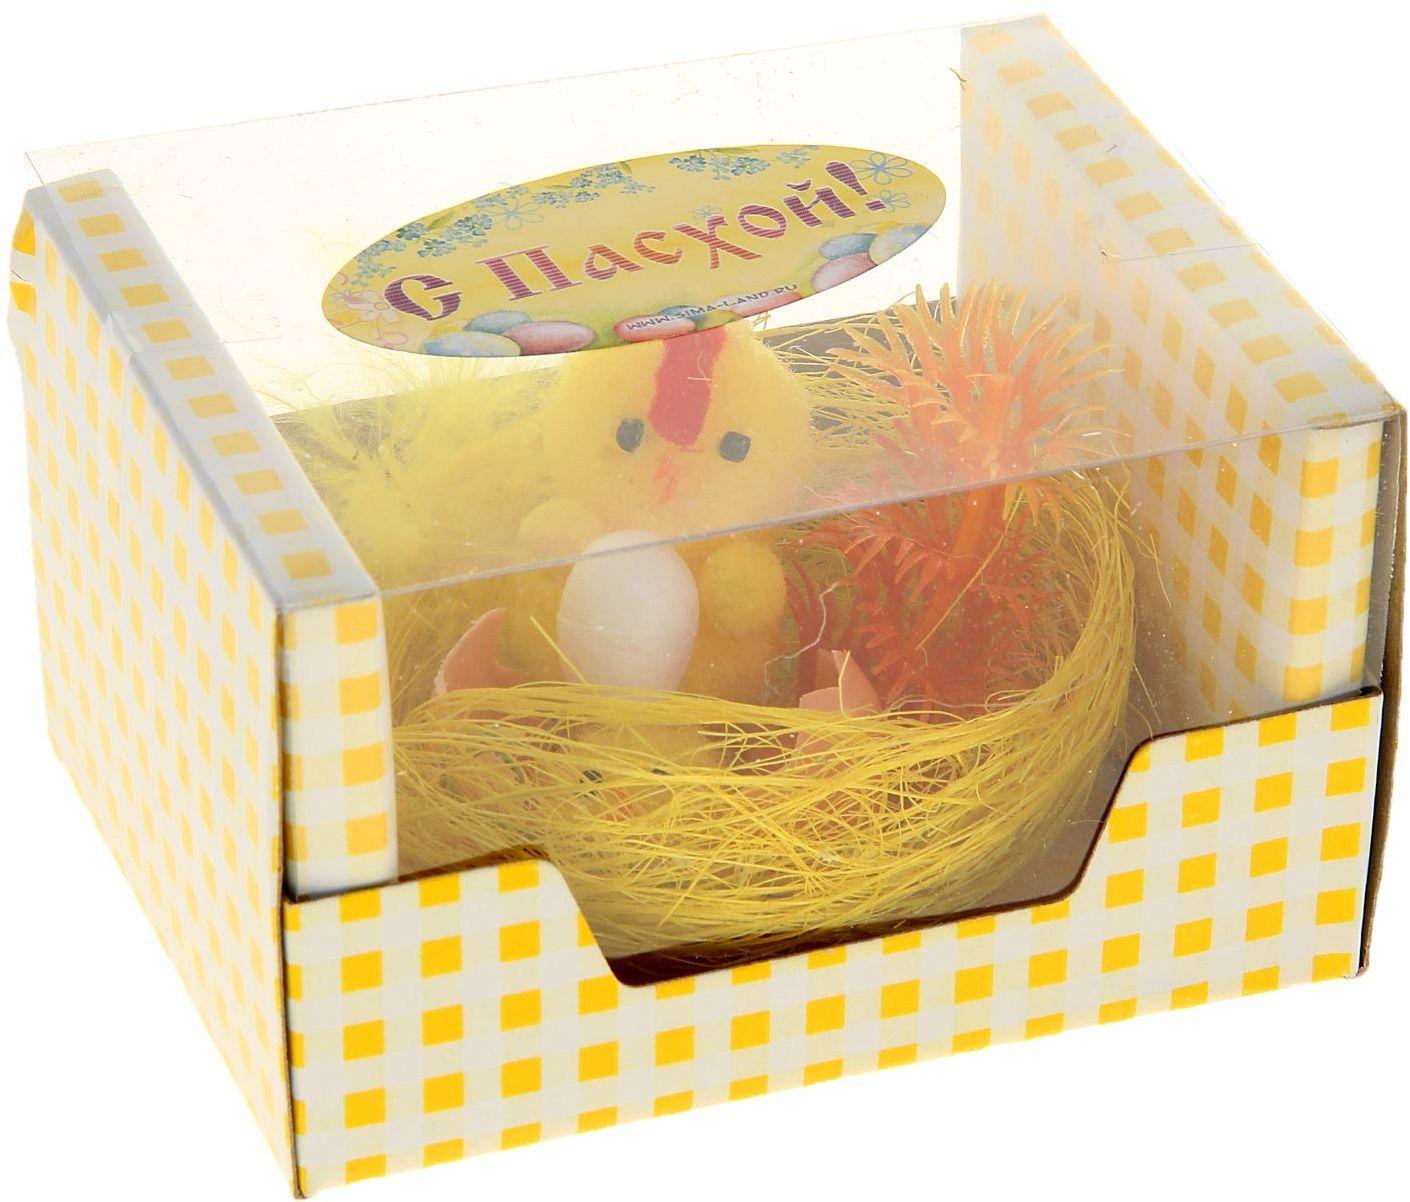 Сувенир пасхальный Sima-land Цыпа с цыпленком в скорлупе и яйцом74-0120Дарить подарки на Пасху – это такая же традиция, как красить яйца и выпекать куличи. Презенты вдвойне приятнее, если они несут в себе сакральный смысл и имеют какое-то значение.Сувенир Цыпа с цыпленком в скорлупе и яйцом - это символ возрождения и непрерывности жизни. С его помощью вы сможете украсить жилище, преподнести его близкому человеку или использовать при сервировке стола всю пасхальную неделю. Кроме того, пасхальные цыплята нравятся маленьким деткам.